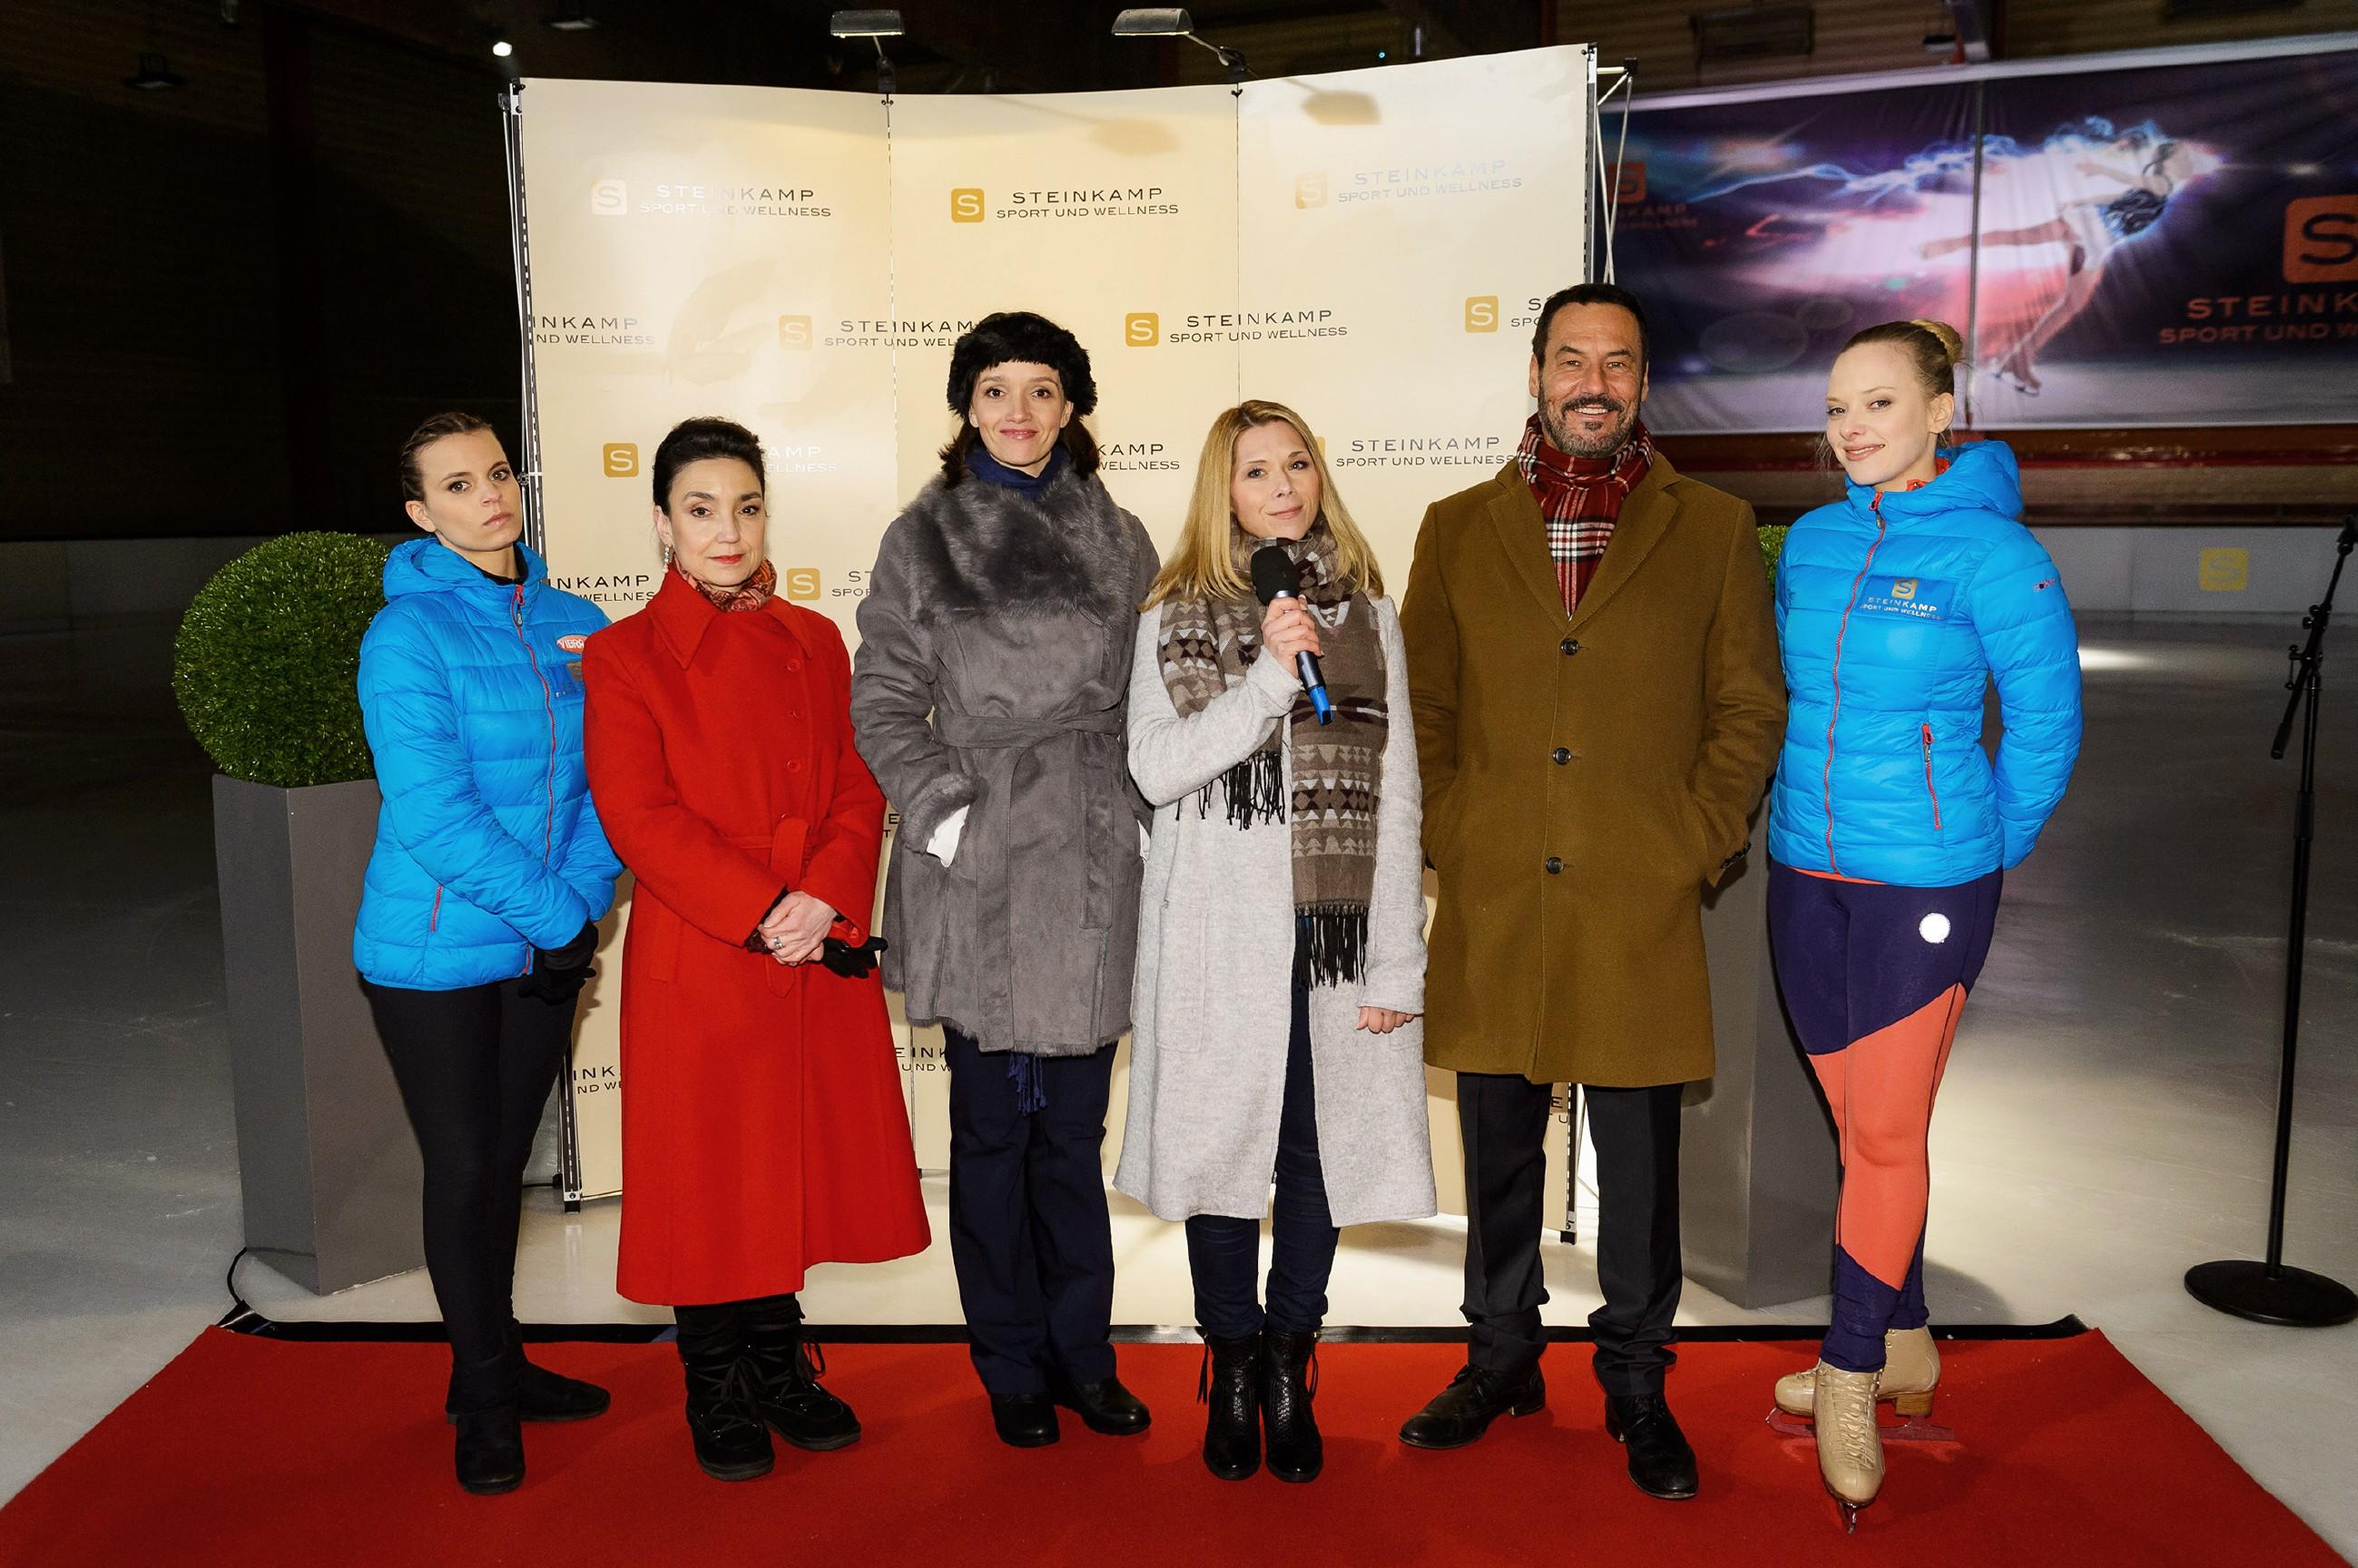 Das Eislaufteam um Michelle (Franziska Benz, l.) und Marie (Judith Neumann, r.) mit den Trainerinnen Jenny (Kaja Schmidt-Tychsen, 3.v.l.) und Diana (Tanja Szewczenko, 3.v.r.) sowie Simone (Tatjana Clasing) und Richard (Silvan-Pierre Leirich) steht den Fragen der Presse Rede und Antwort. (Quelle: RTL / Willi Weber)